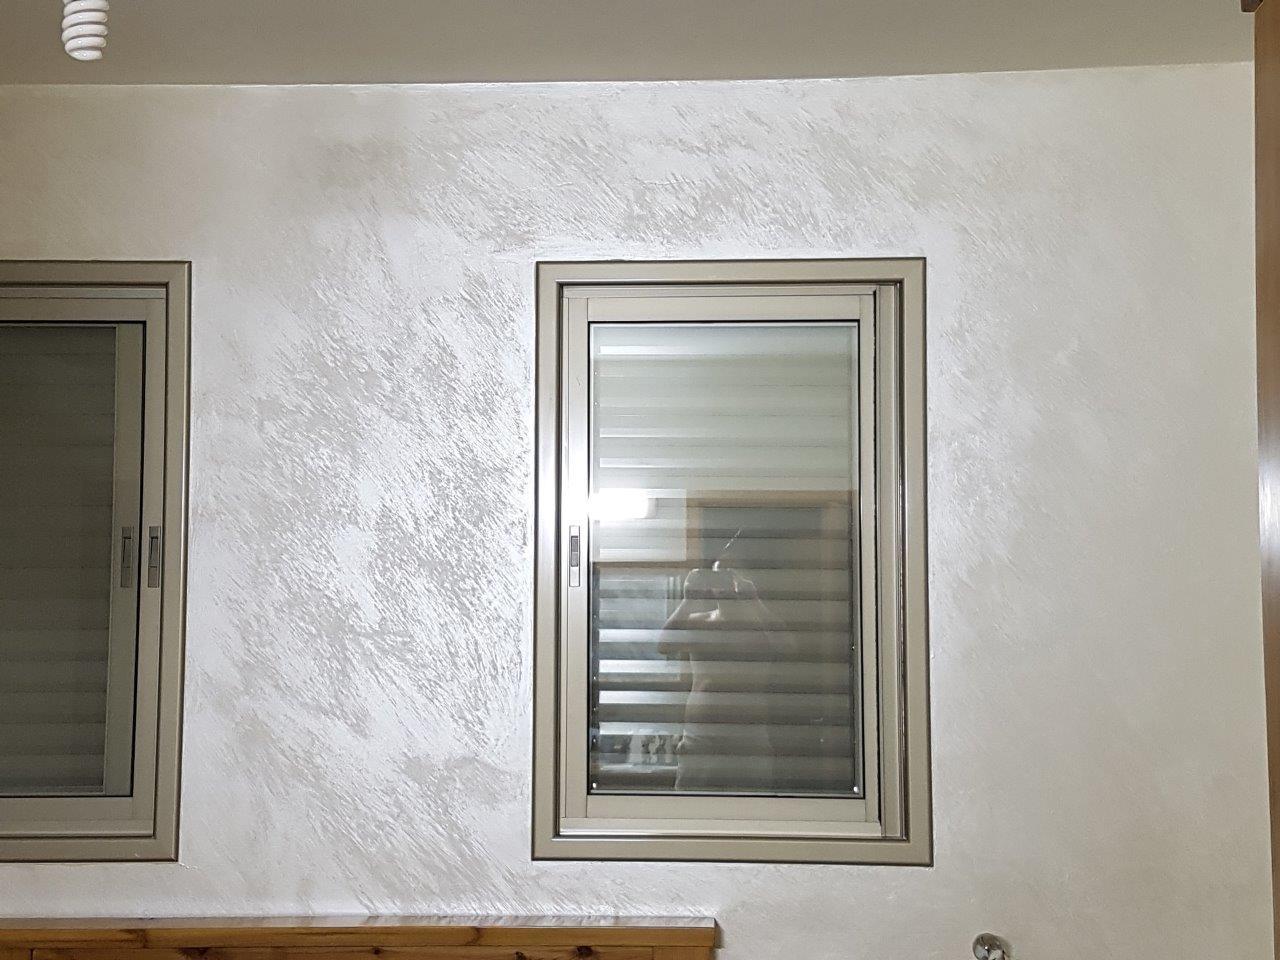 צביעת דירה אומנותית צבע סהרה גוון שמנת בהיר מראה מיוחד ועדין